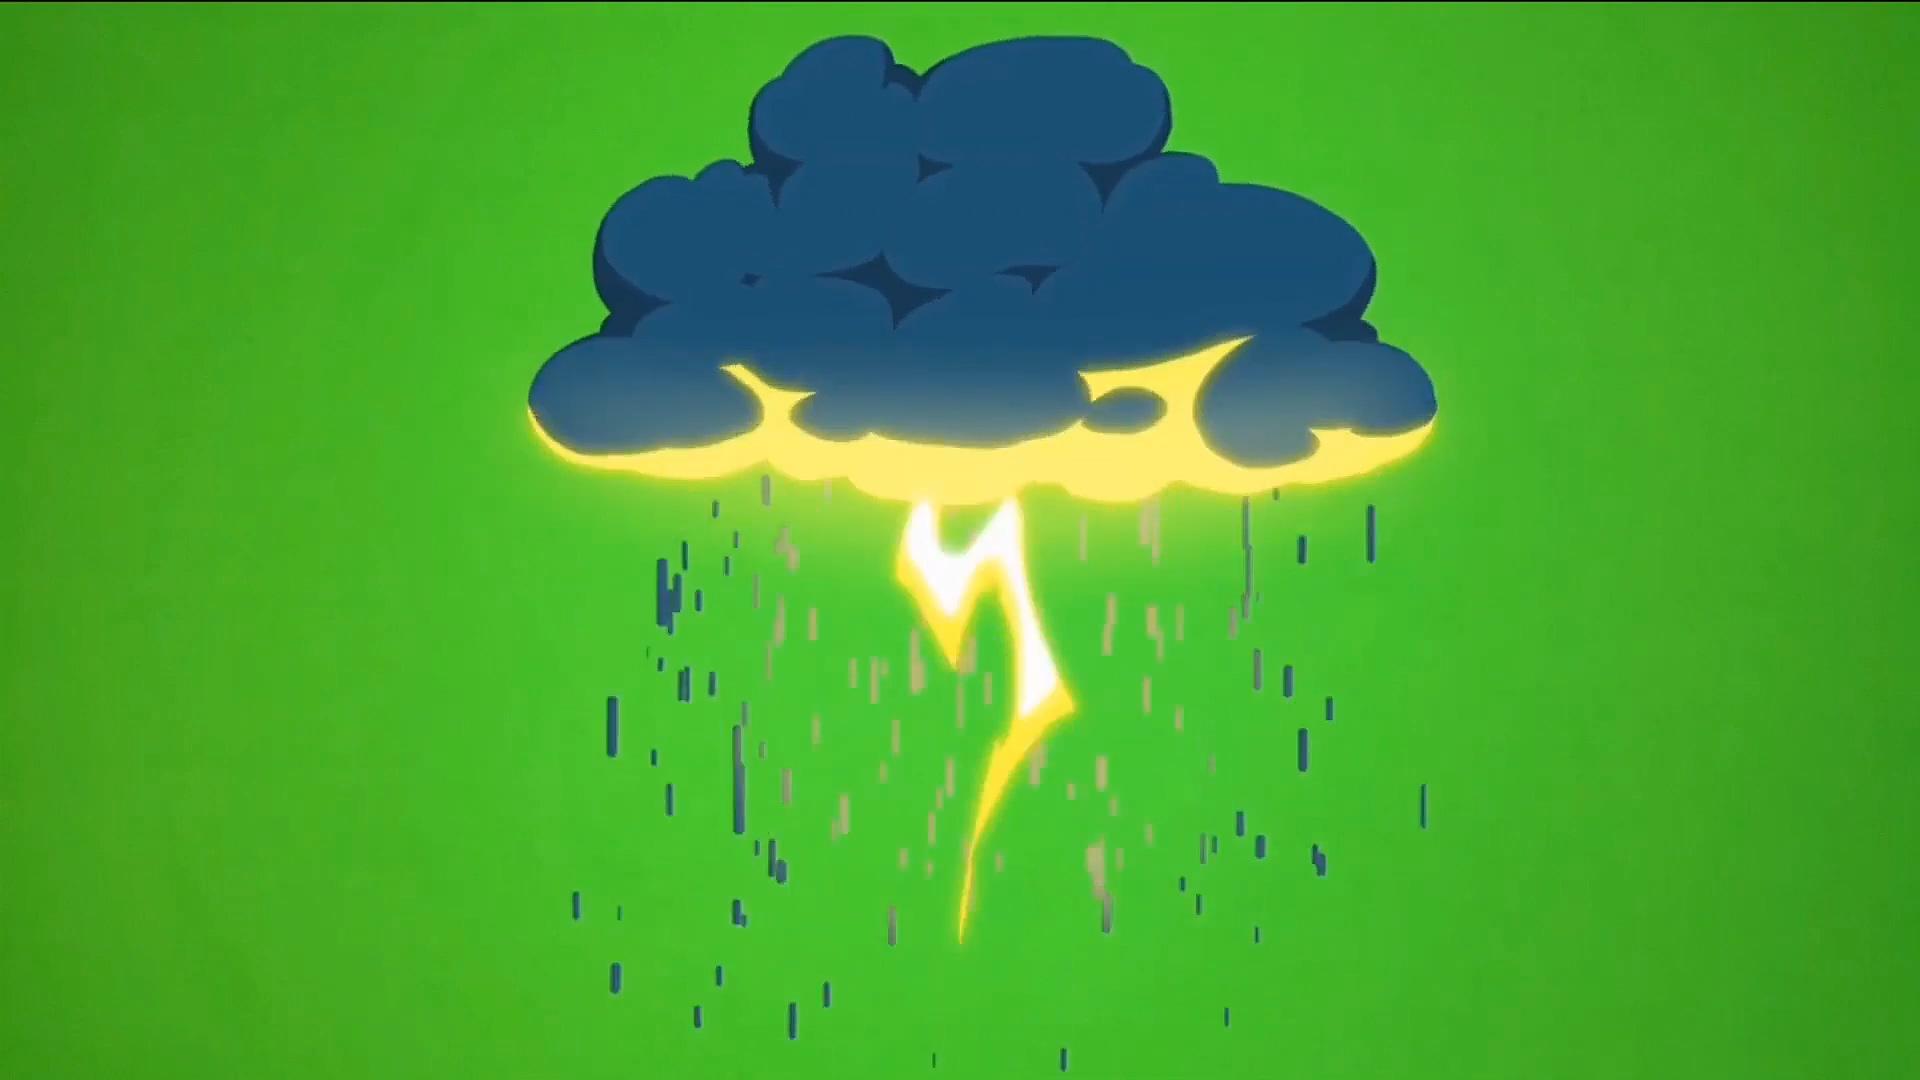 绿屏抠像卡通雷雨乌云